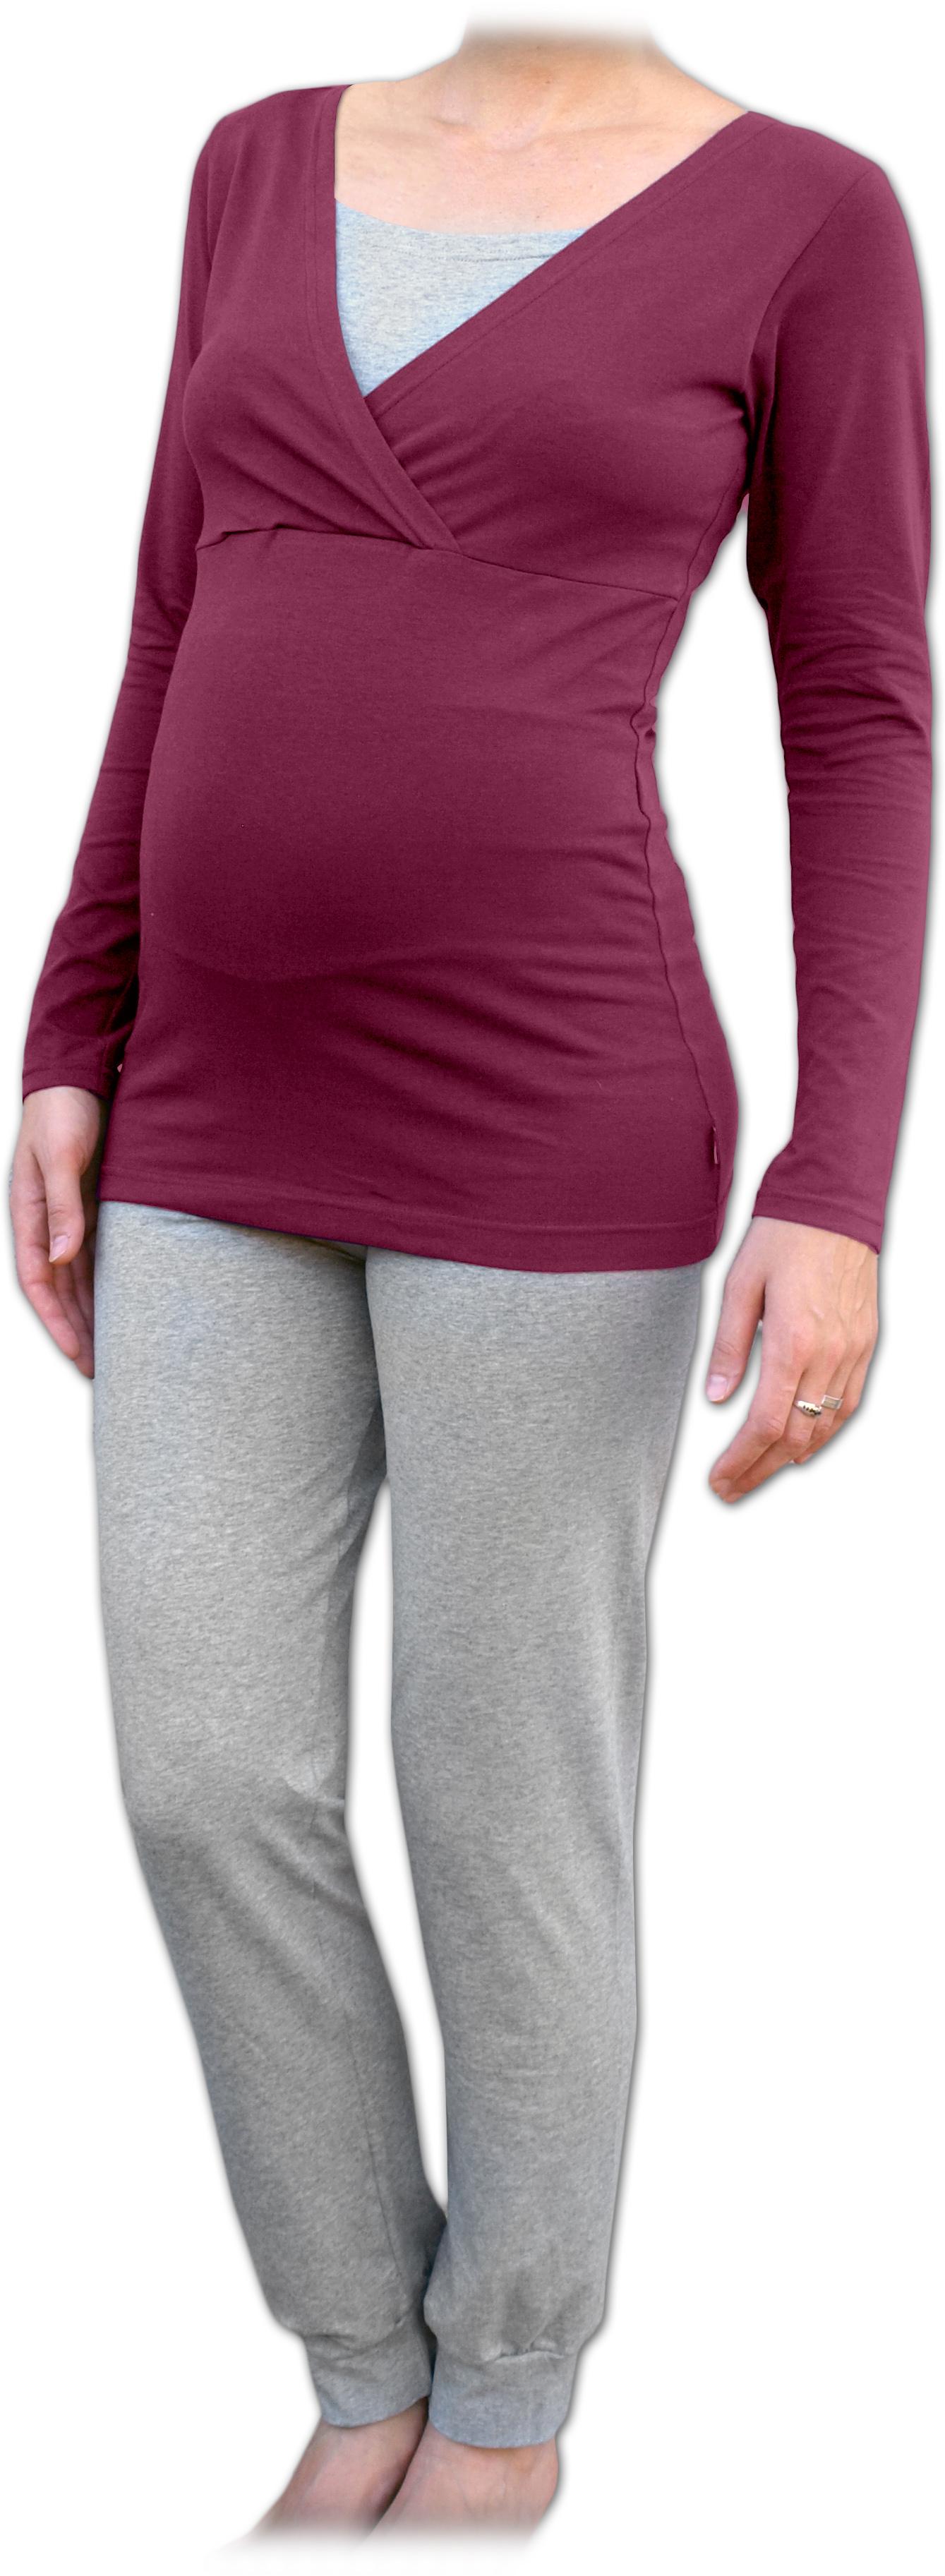 Těhotenské a kojicí pyžamo, dlouhé, cyklámen+šedý melír s/m